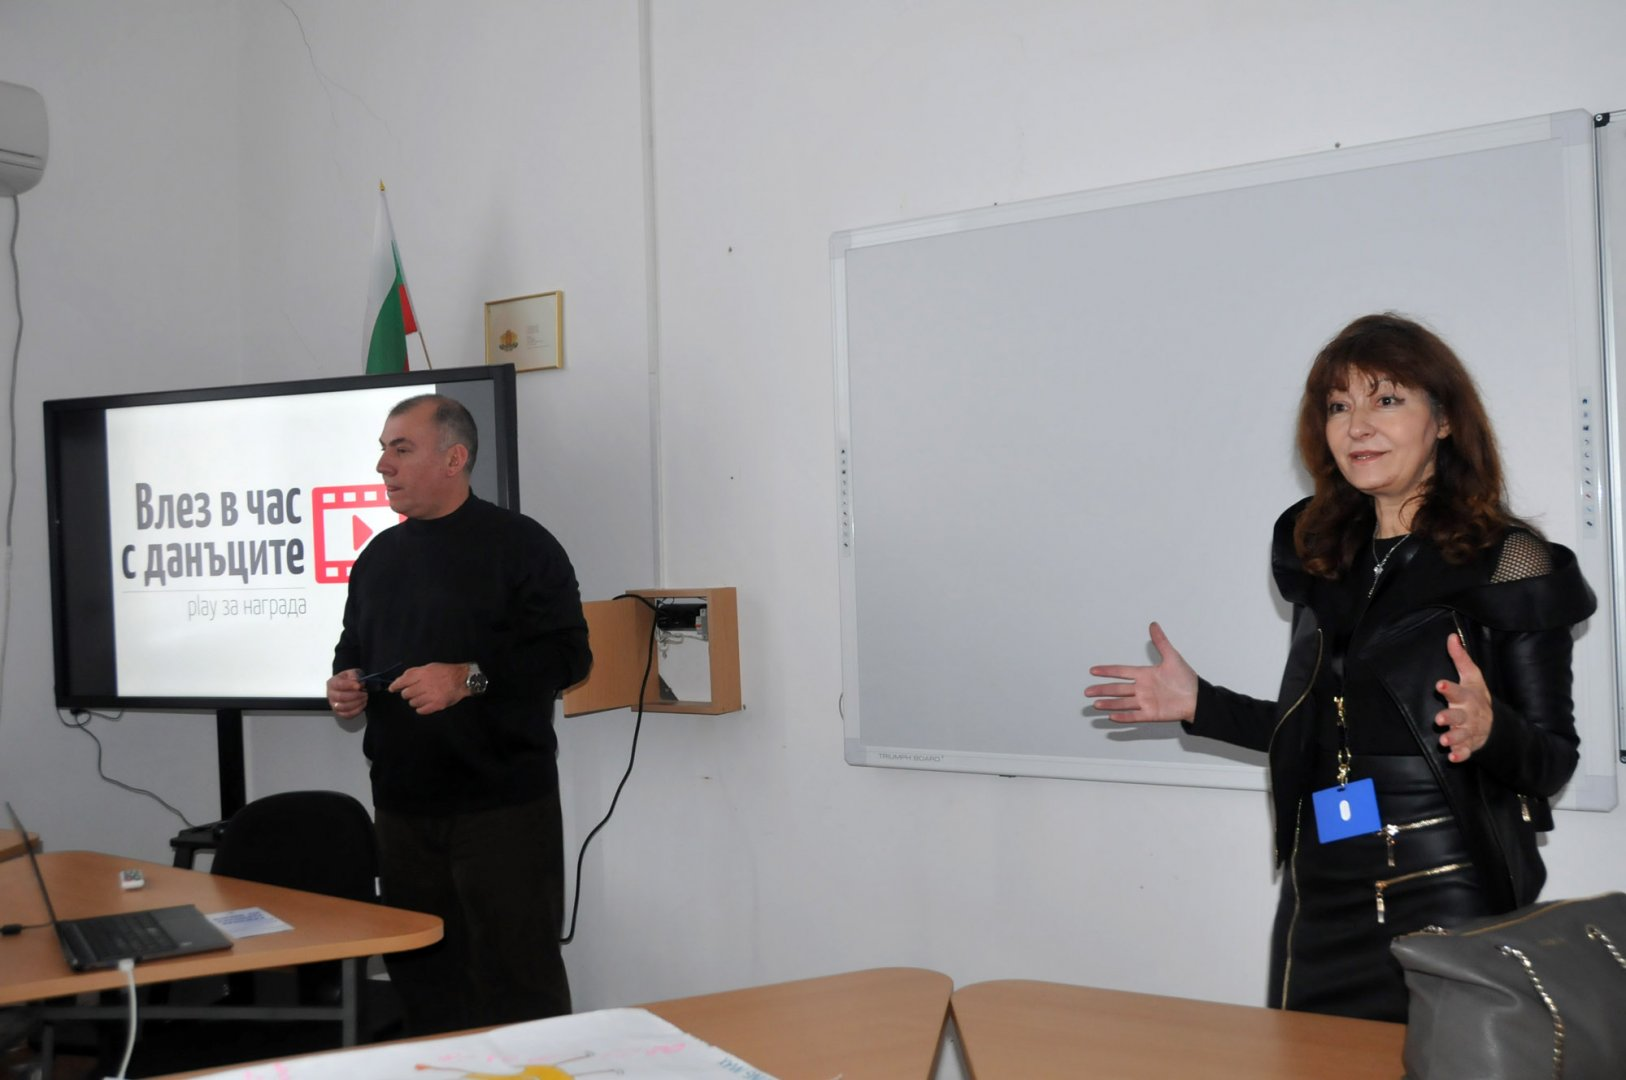 Христо Узунов гостува на клуба Финансова лаборатория с ръководител Татяна Ботева. Снимки Лина Главинова